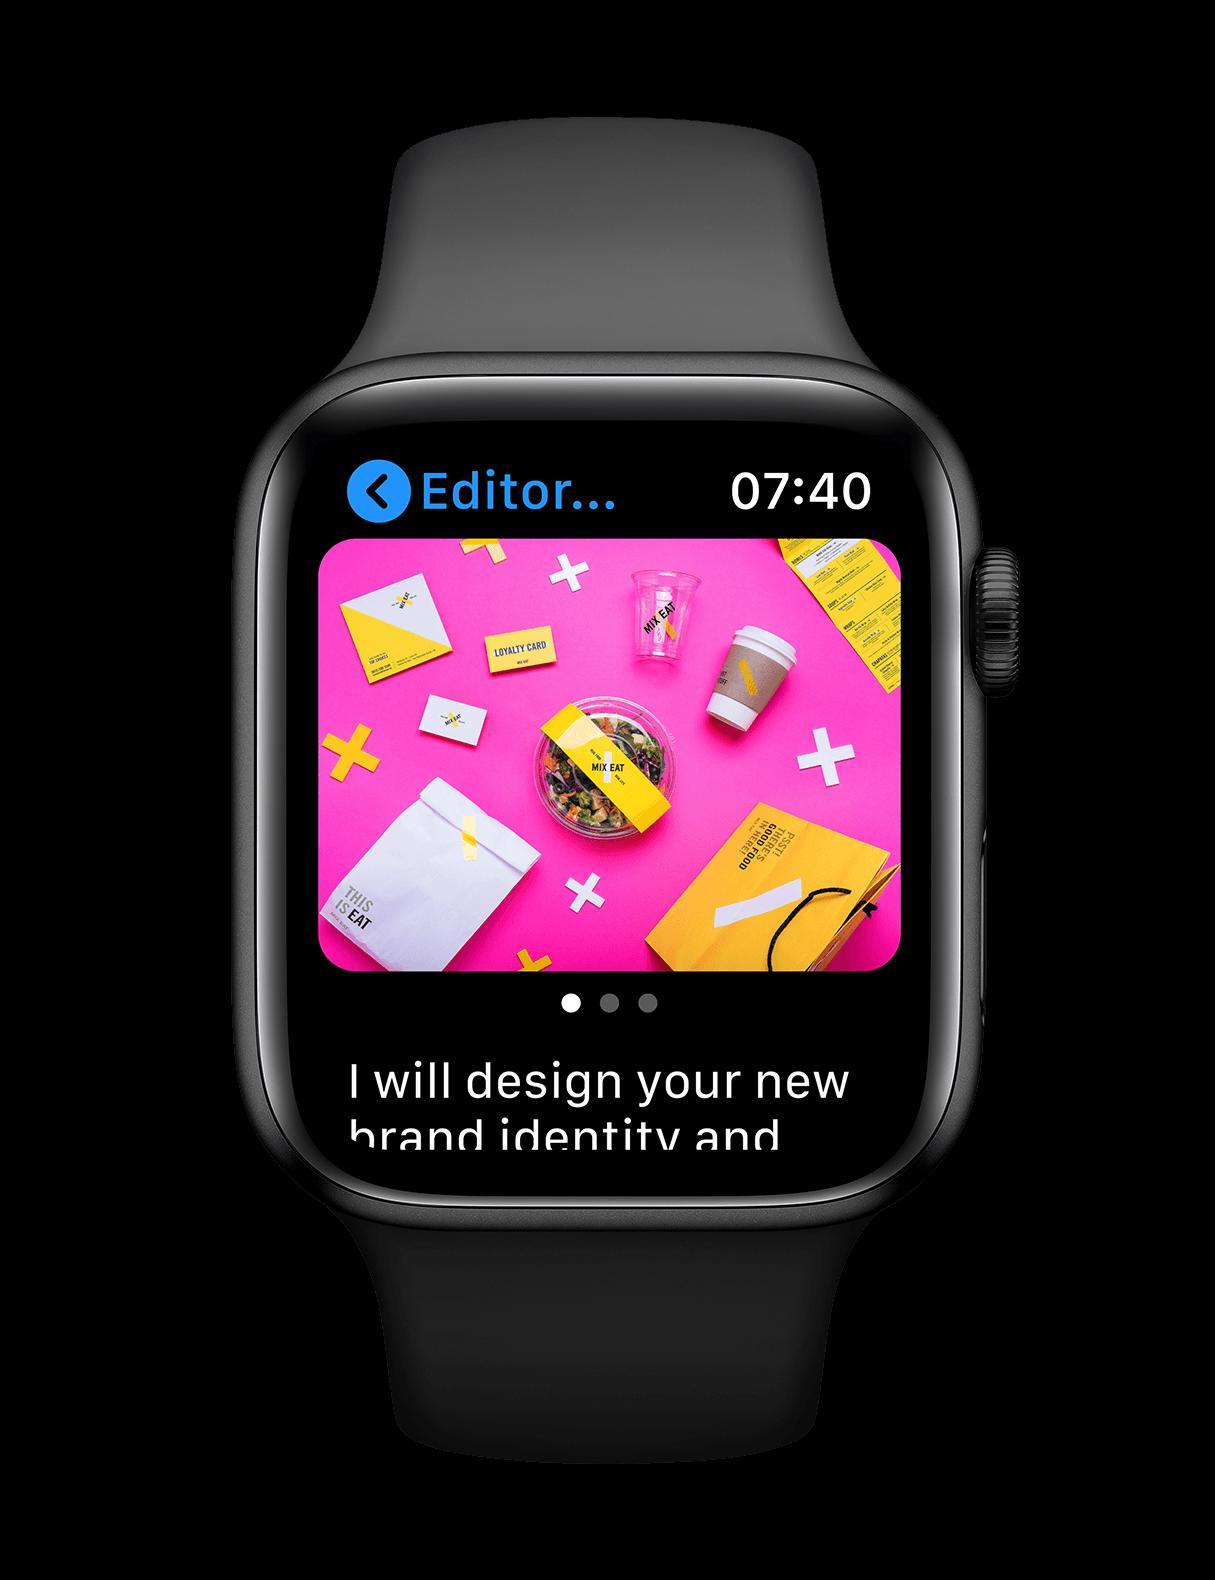 apple_watch_05